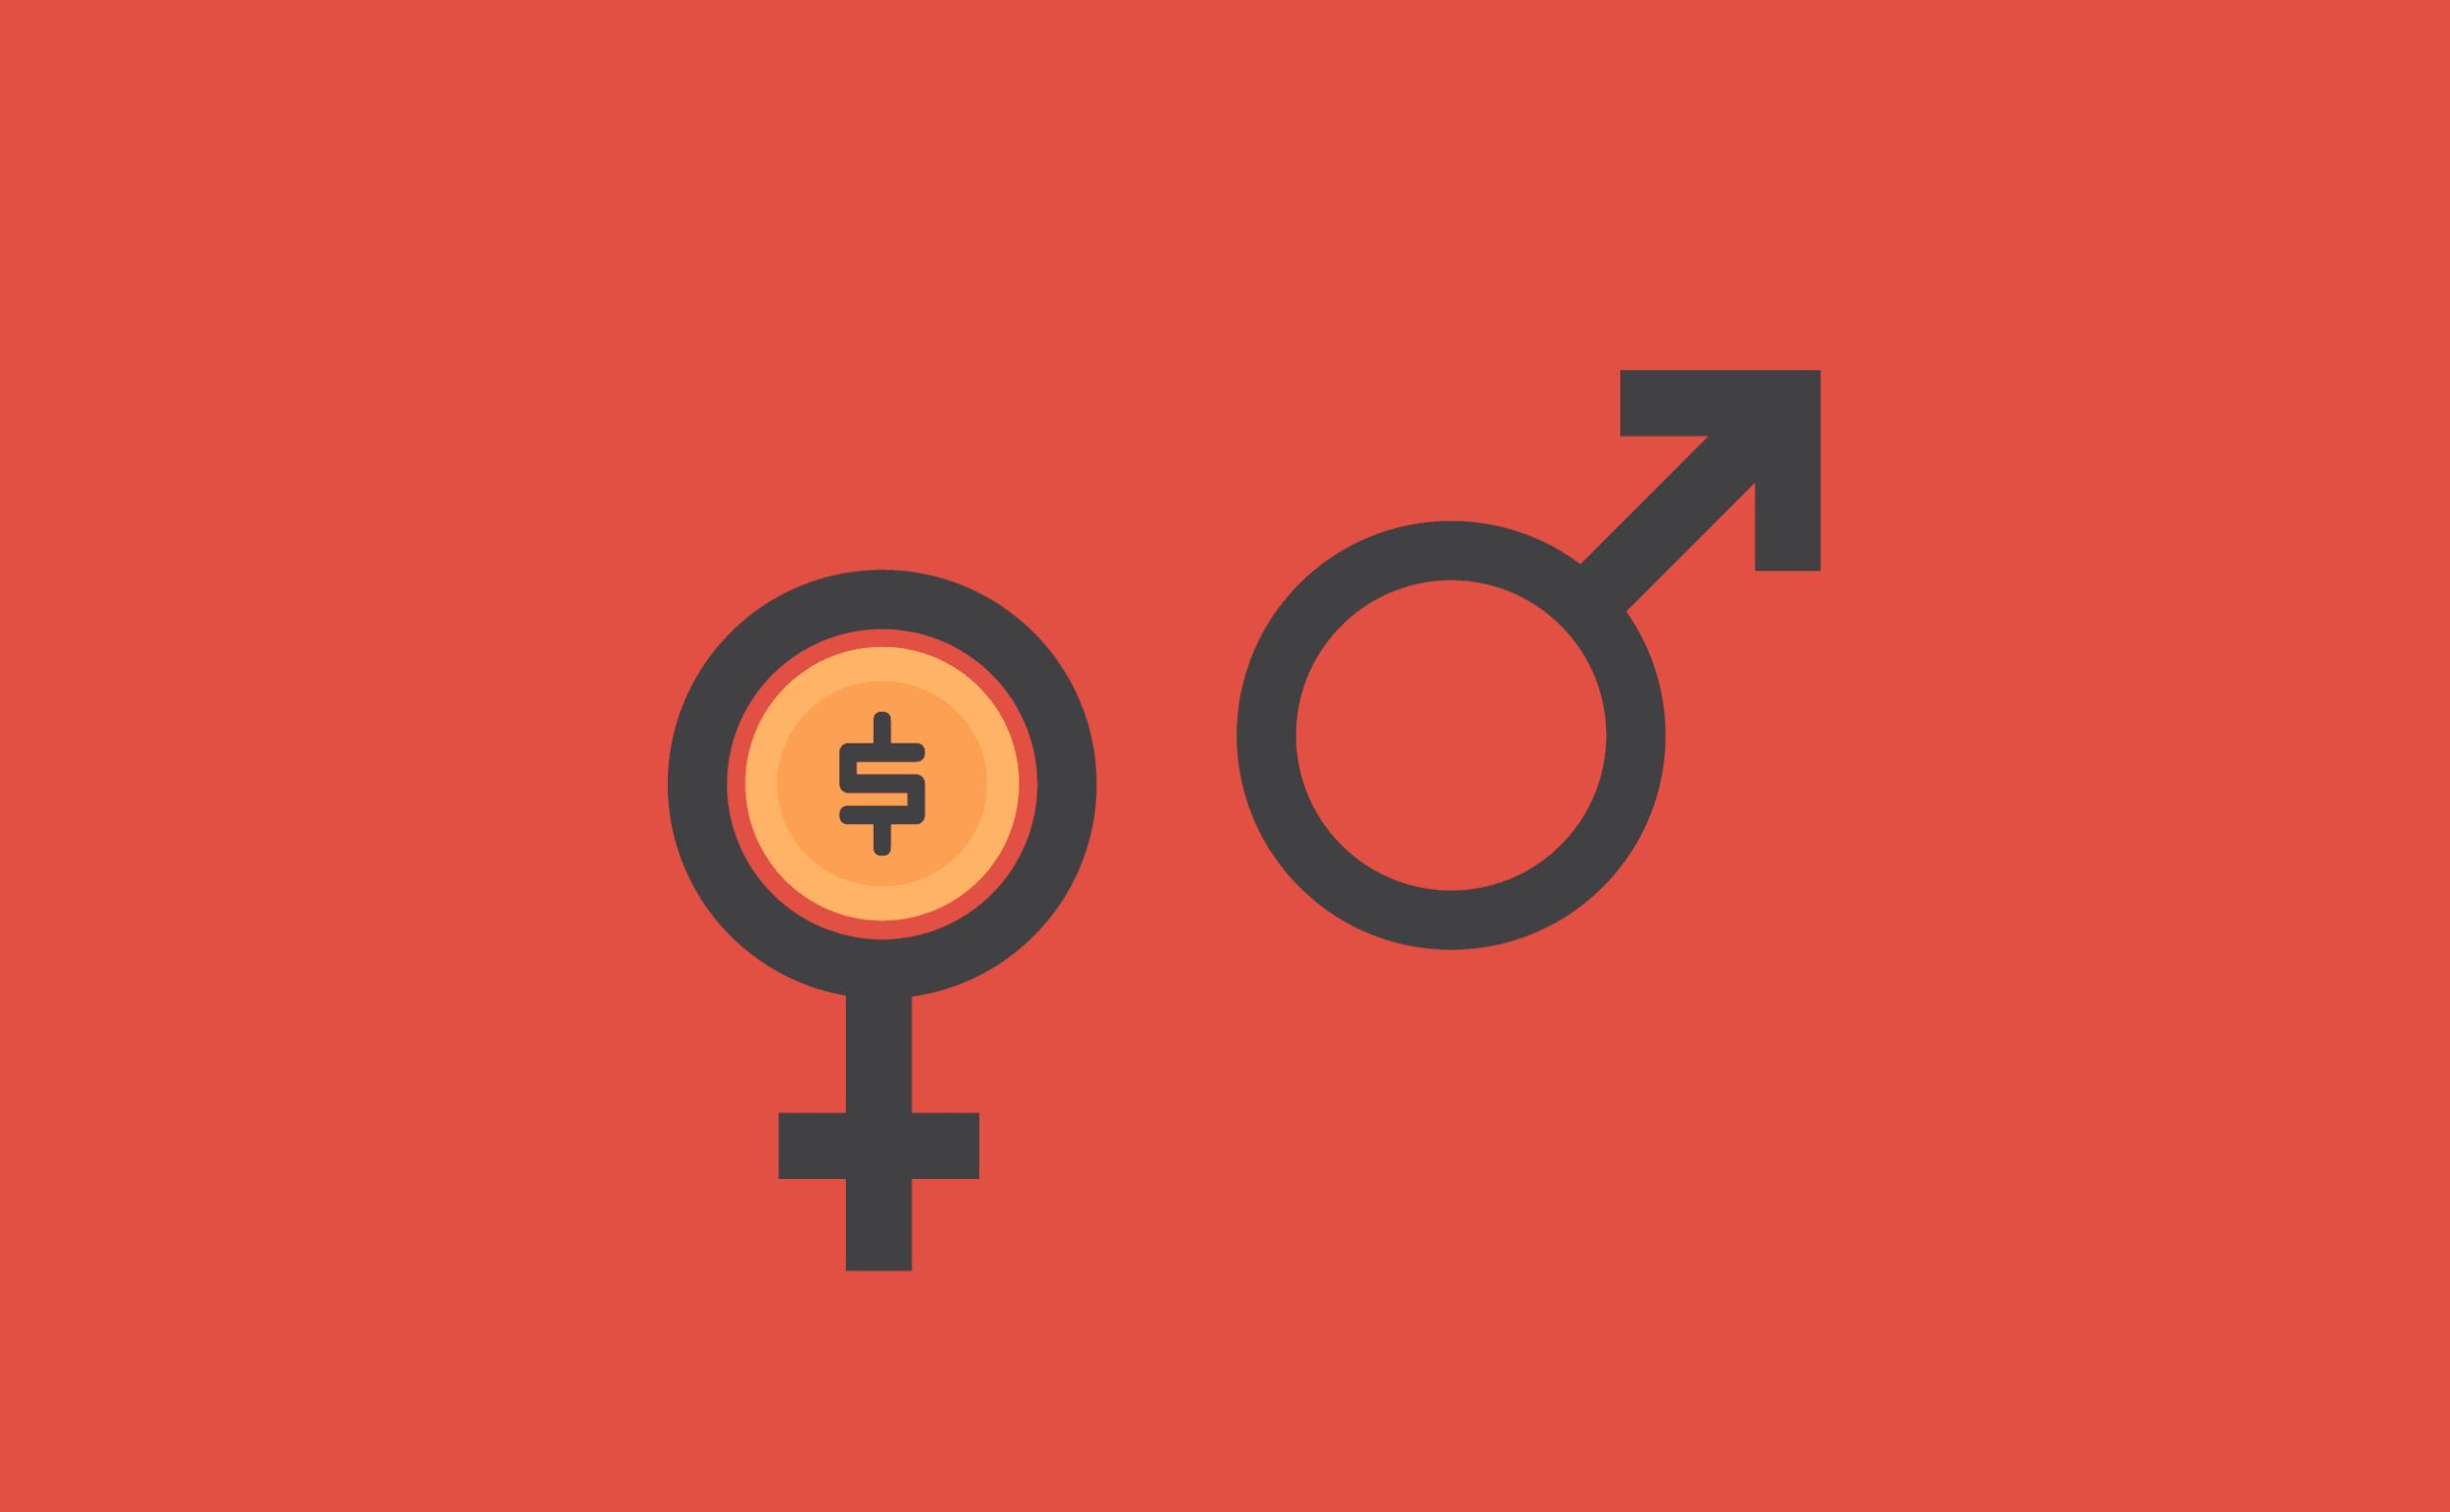 Fundos de venture capital consideram mais que inclusão feminina